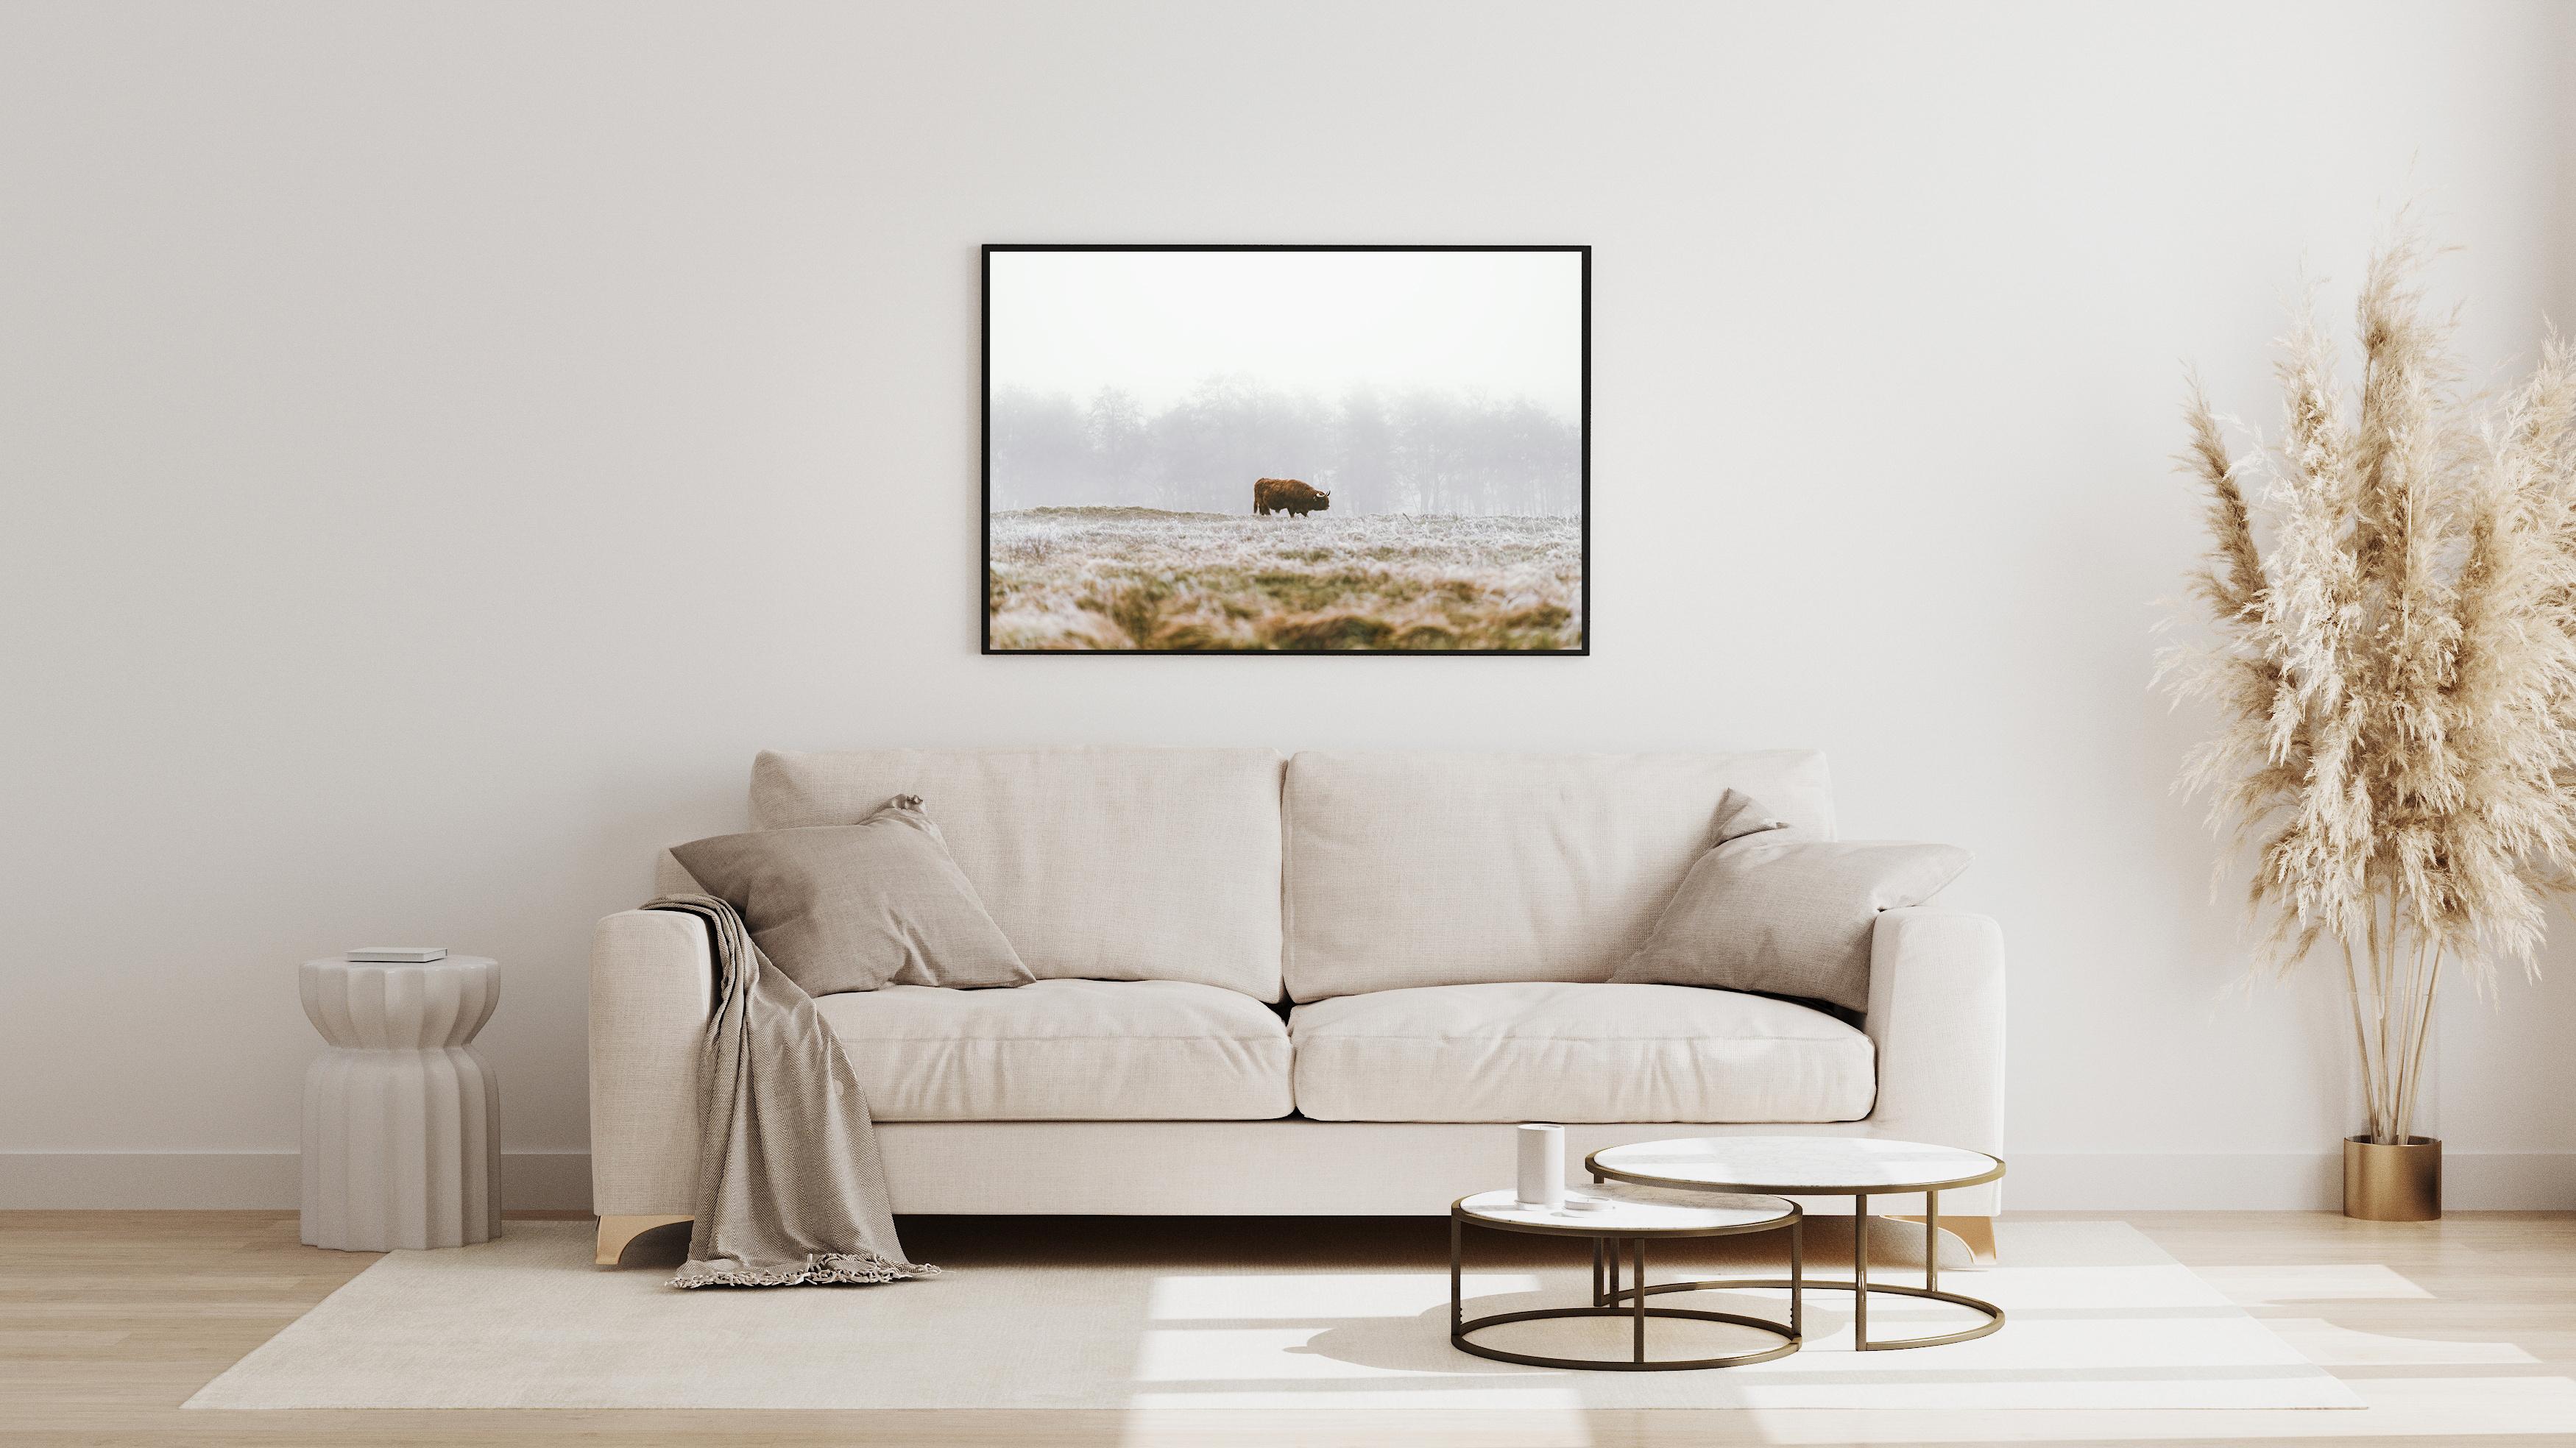 Foto voor aan de muur